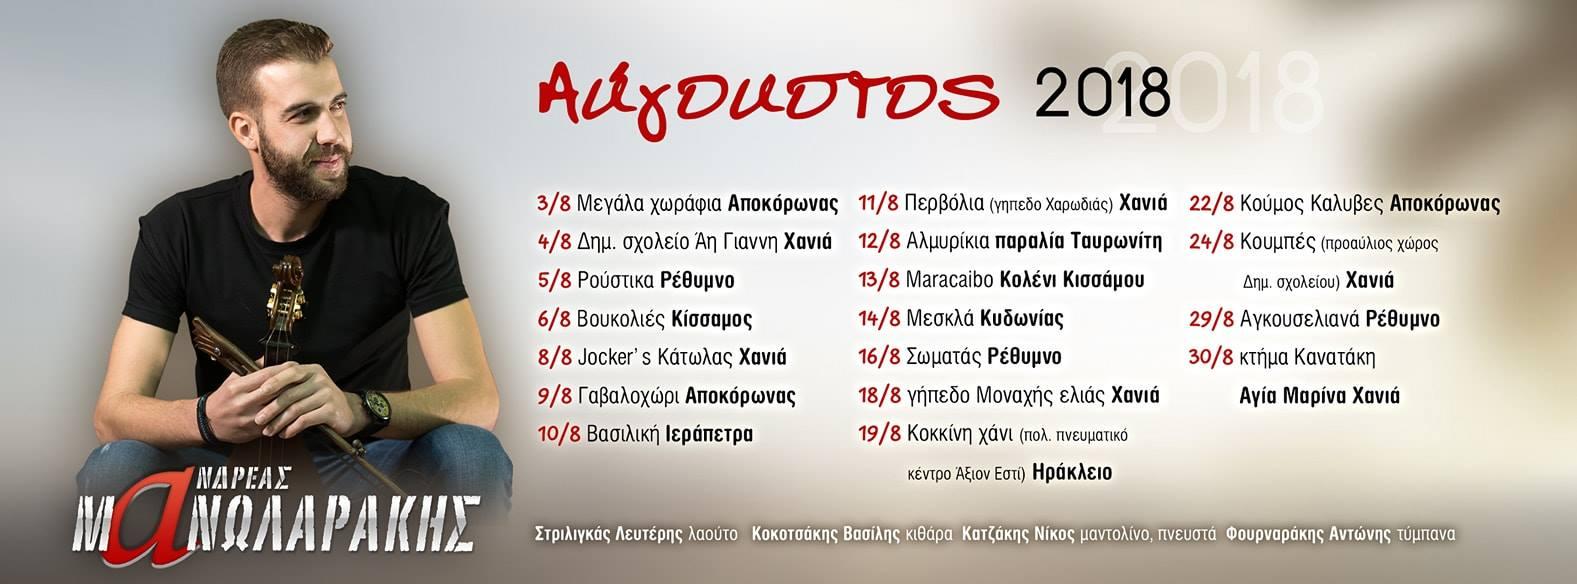 09 ΑΥΓ Ανδρέας Μανωλαράκης @ Γαβαλοχώρι Αποκορώνου